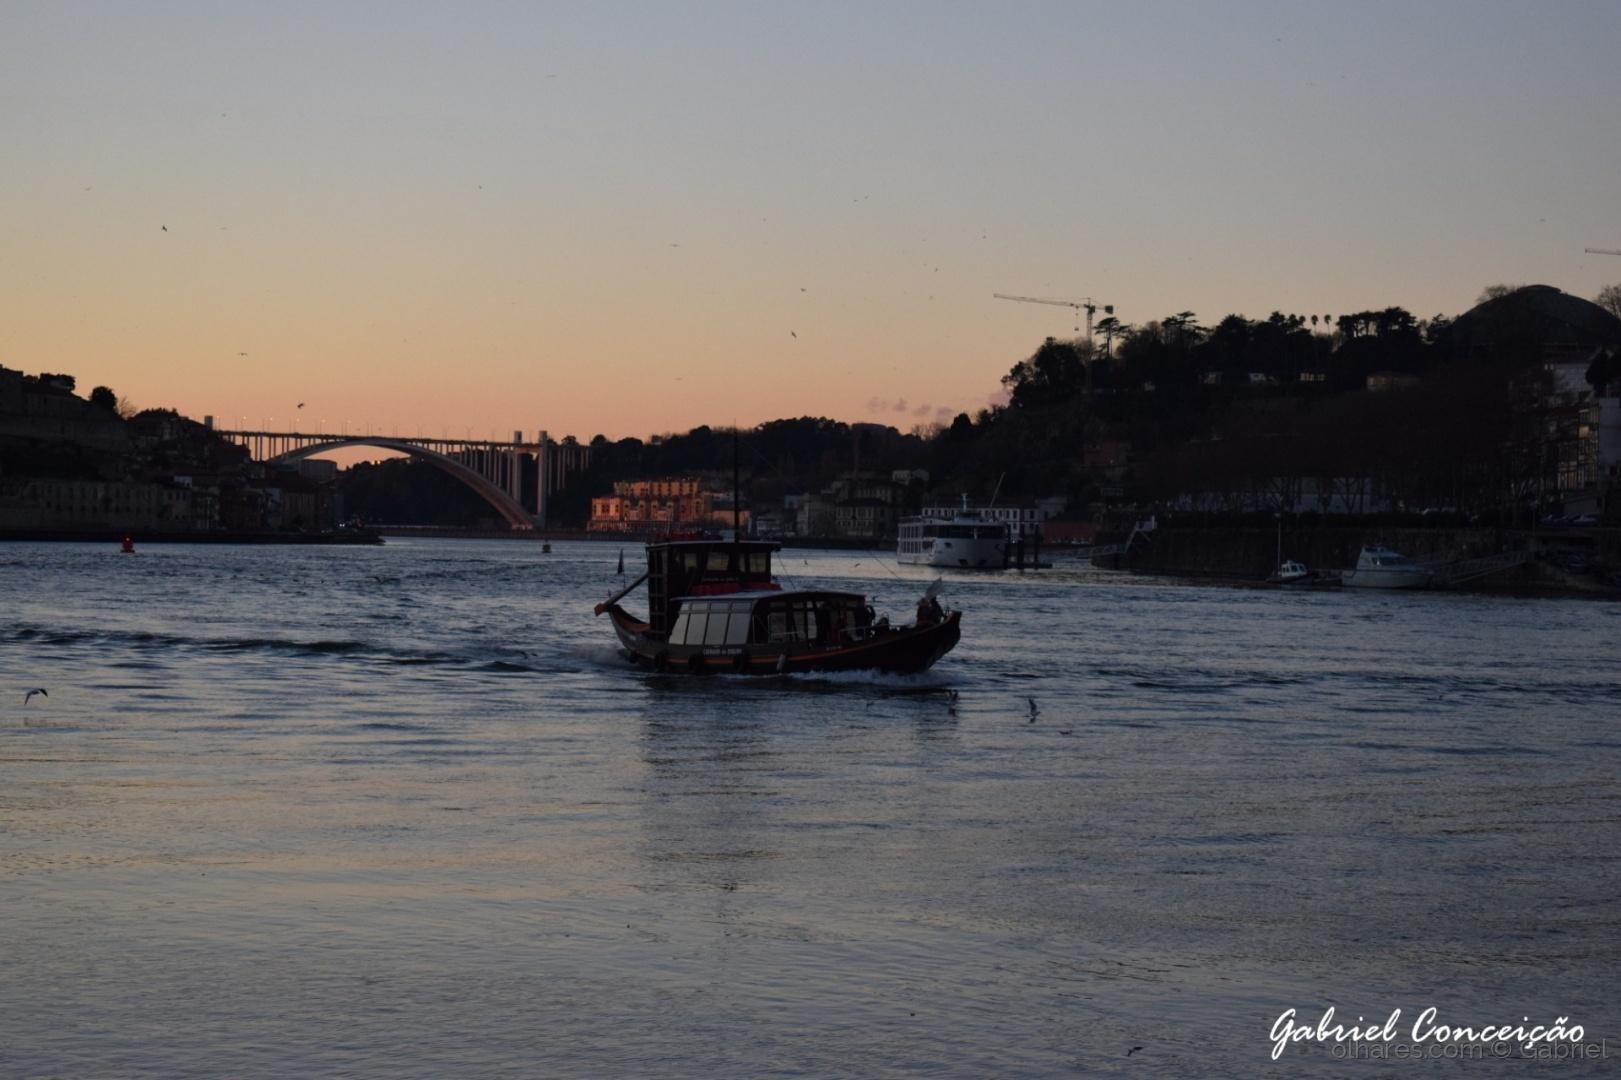 Paisagem Urbana/Douro - Vila Nova de Gaia